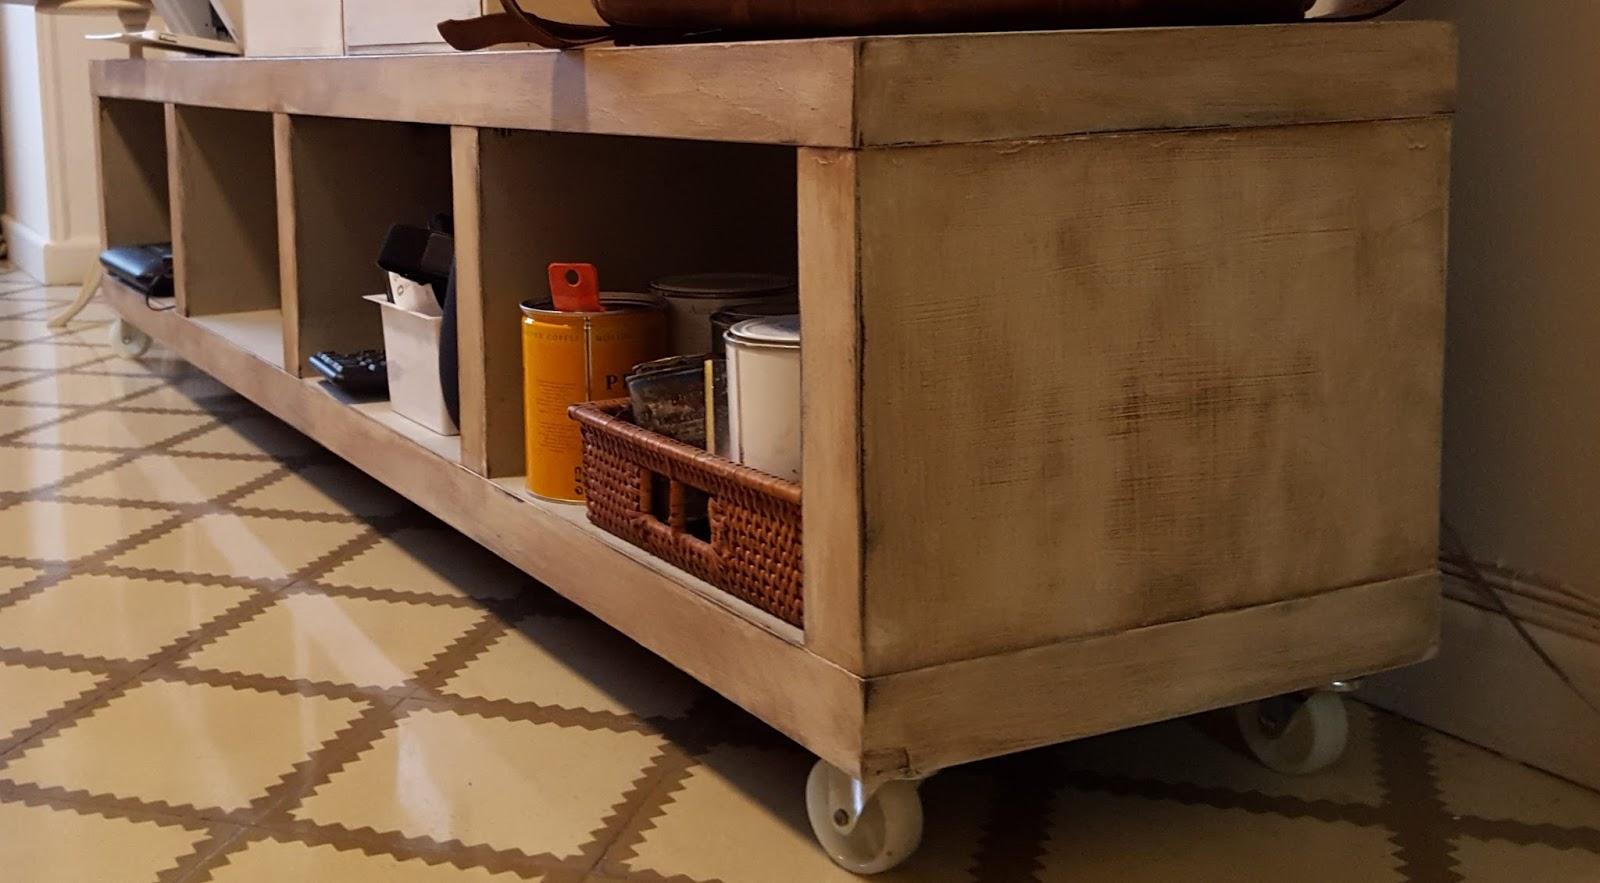 Candini muebles pintados nuevos y redecorados tuneando - Tunear muebles ikea ...